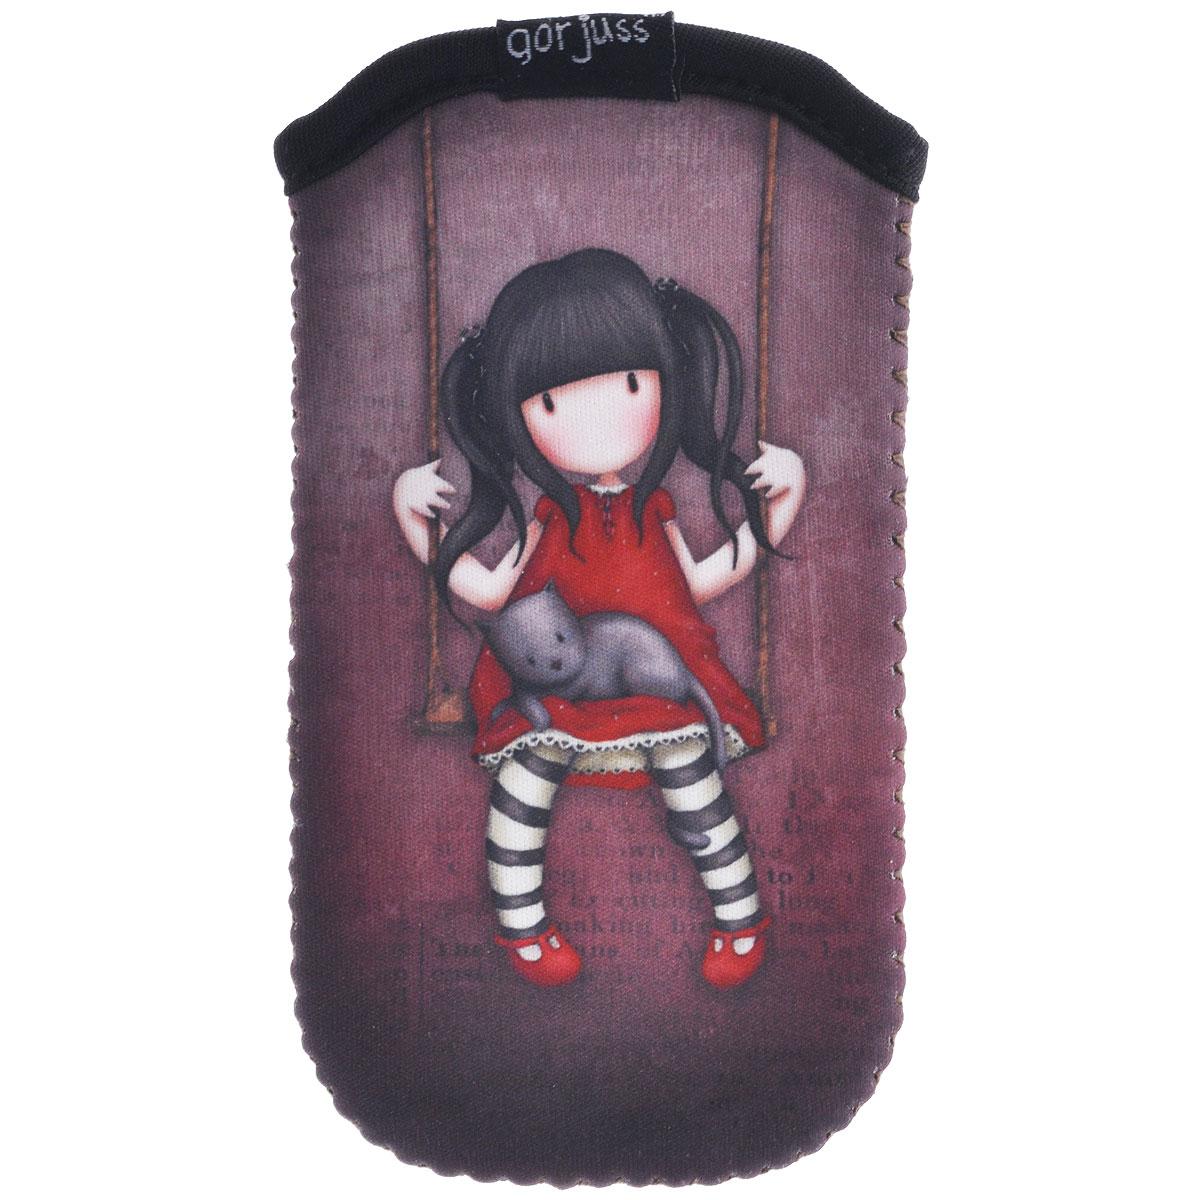 Чехол для телефона Ruby. 00121640012164Чехол для телефона Ruby не позволит потеряться ни одной идее в потоке событий и станет прекрасным подарком для любительницы оригинальных вещиц. Чехол выполнен из полиуретана коричневого цвета и оформлен стилизованным рисунком шотландской художницы Сюзан Вулкотт (Suzanne Woolcott) с изображением основного персонажа своих произведений - девочки Горджус (Gorjuss). Характеристики: Материал: полиуретан. Размер: 12,5 см х 6,5 см х 1 см. Цвет: коричневый.